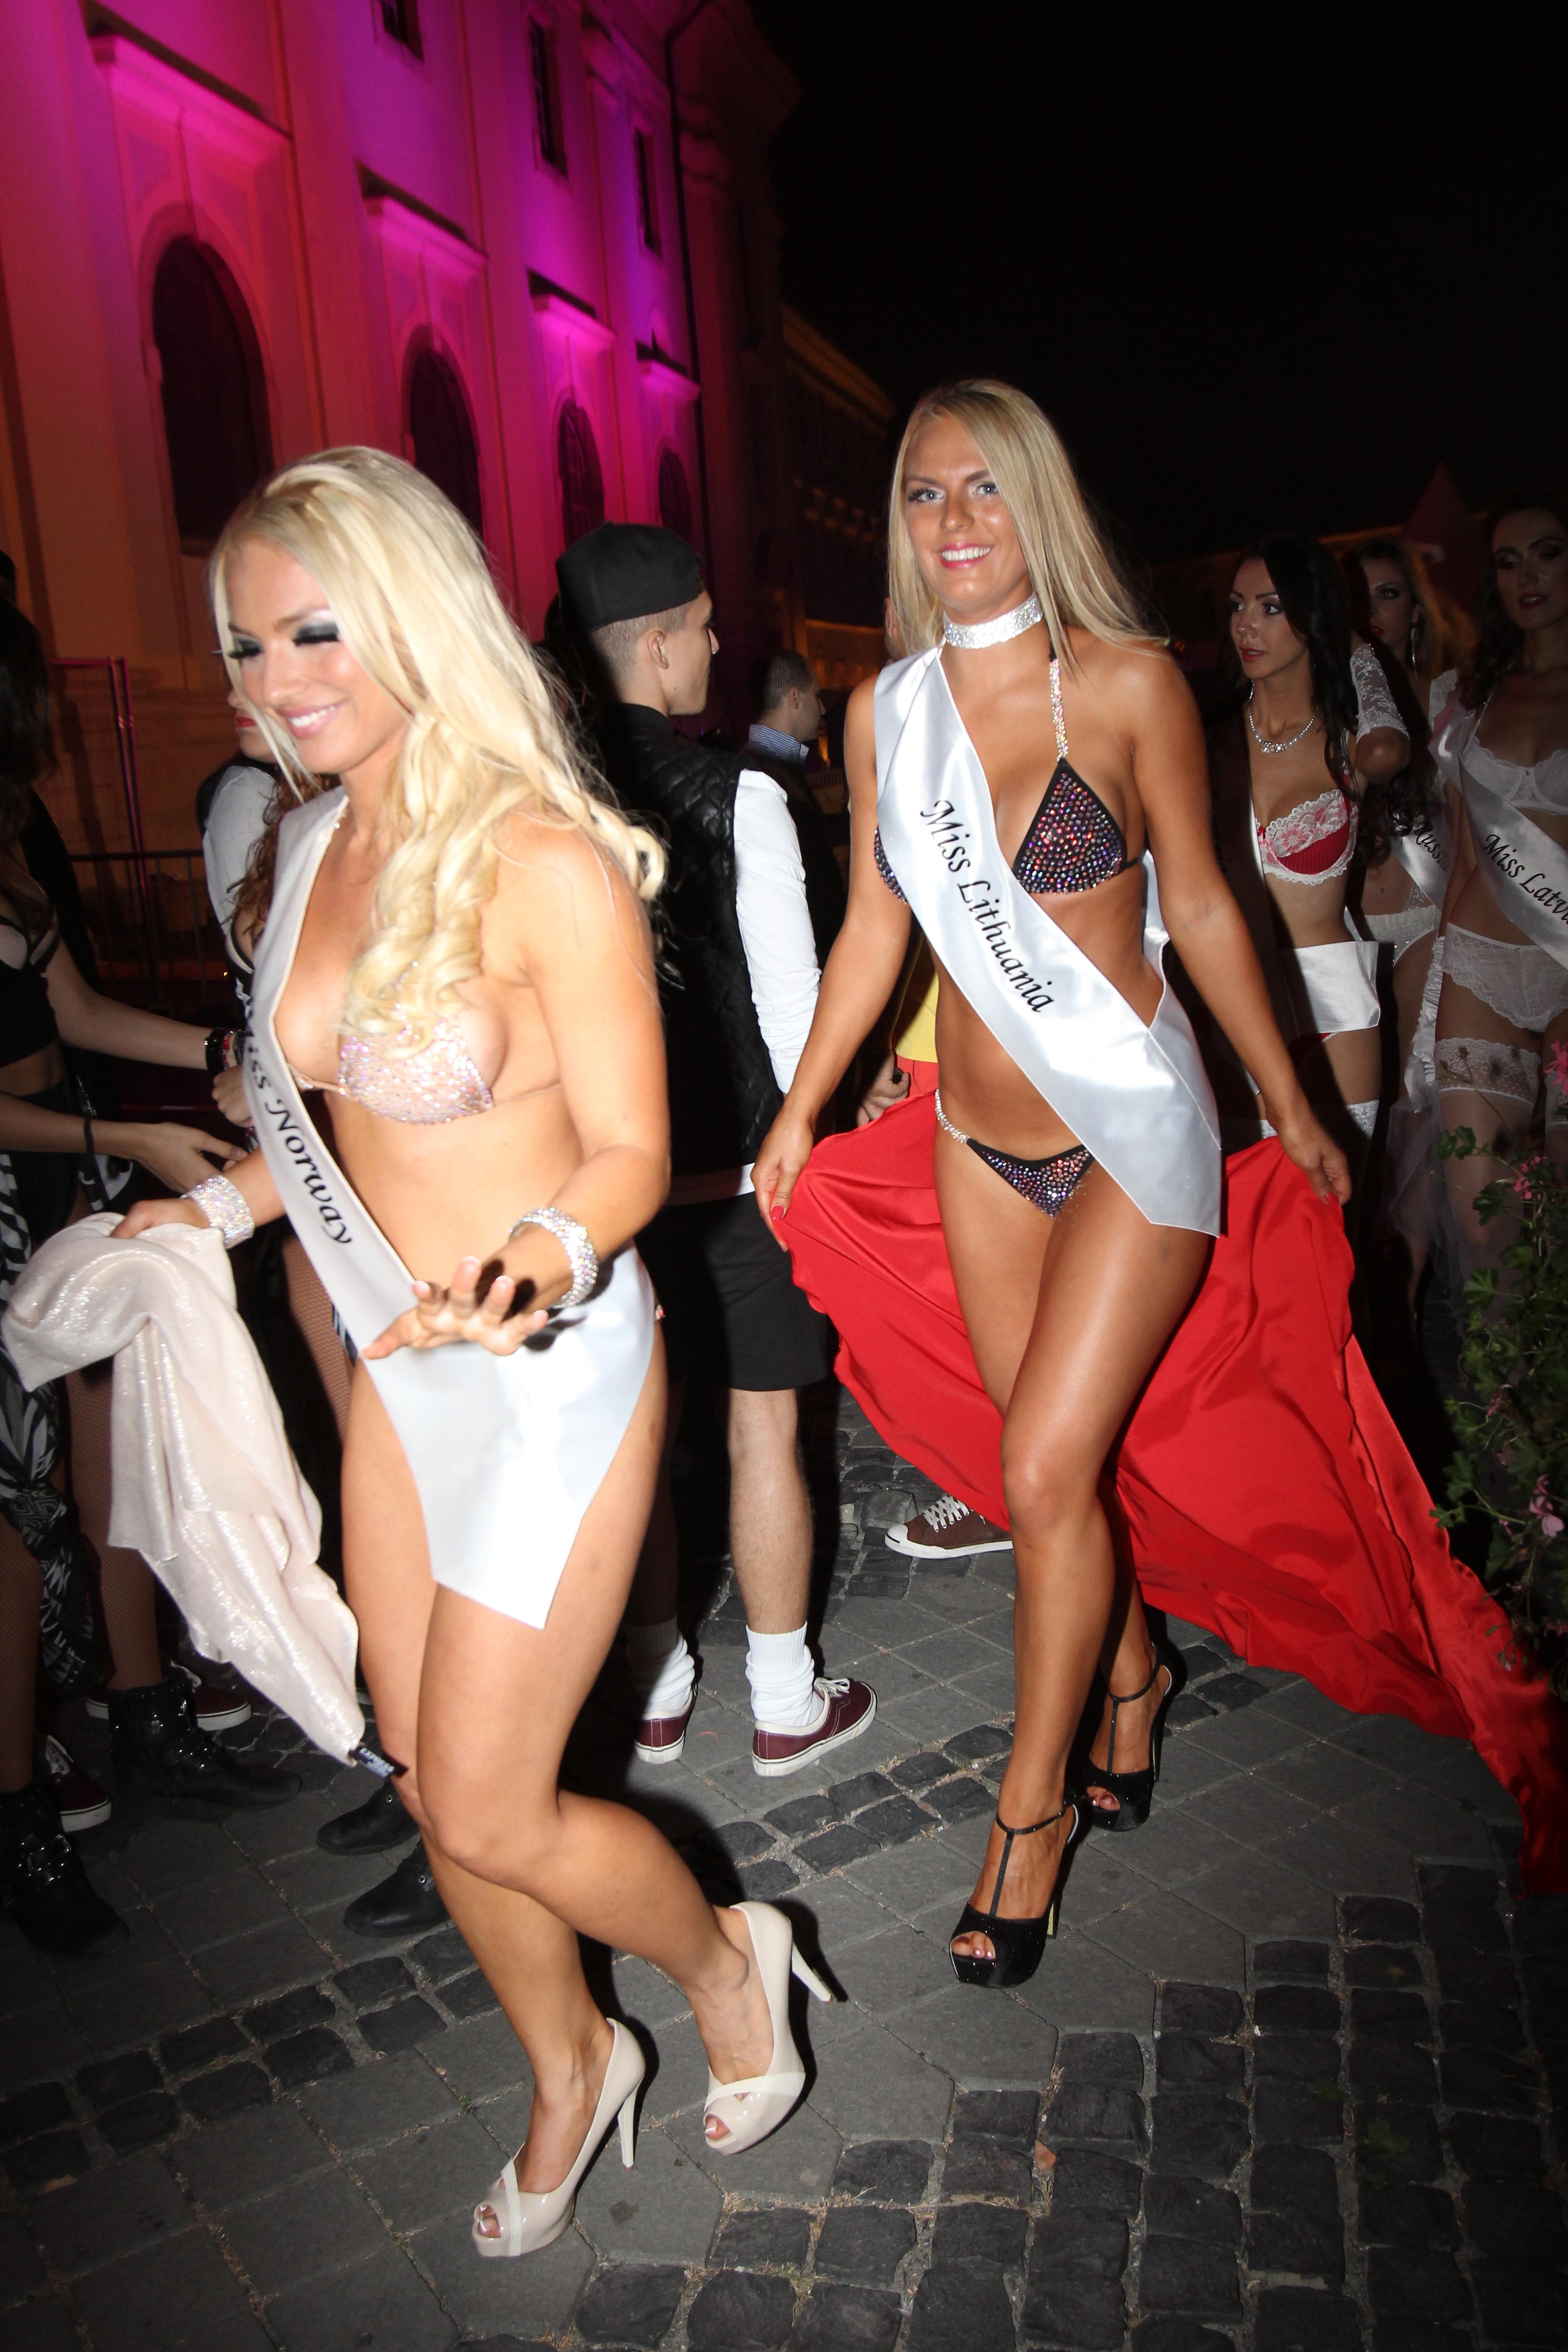 Proba costumelor de baie nu a ajutat-o prea mult pe blonda, care in final nu s-a ales cu niciun loc pe podium